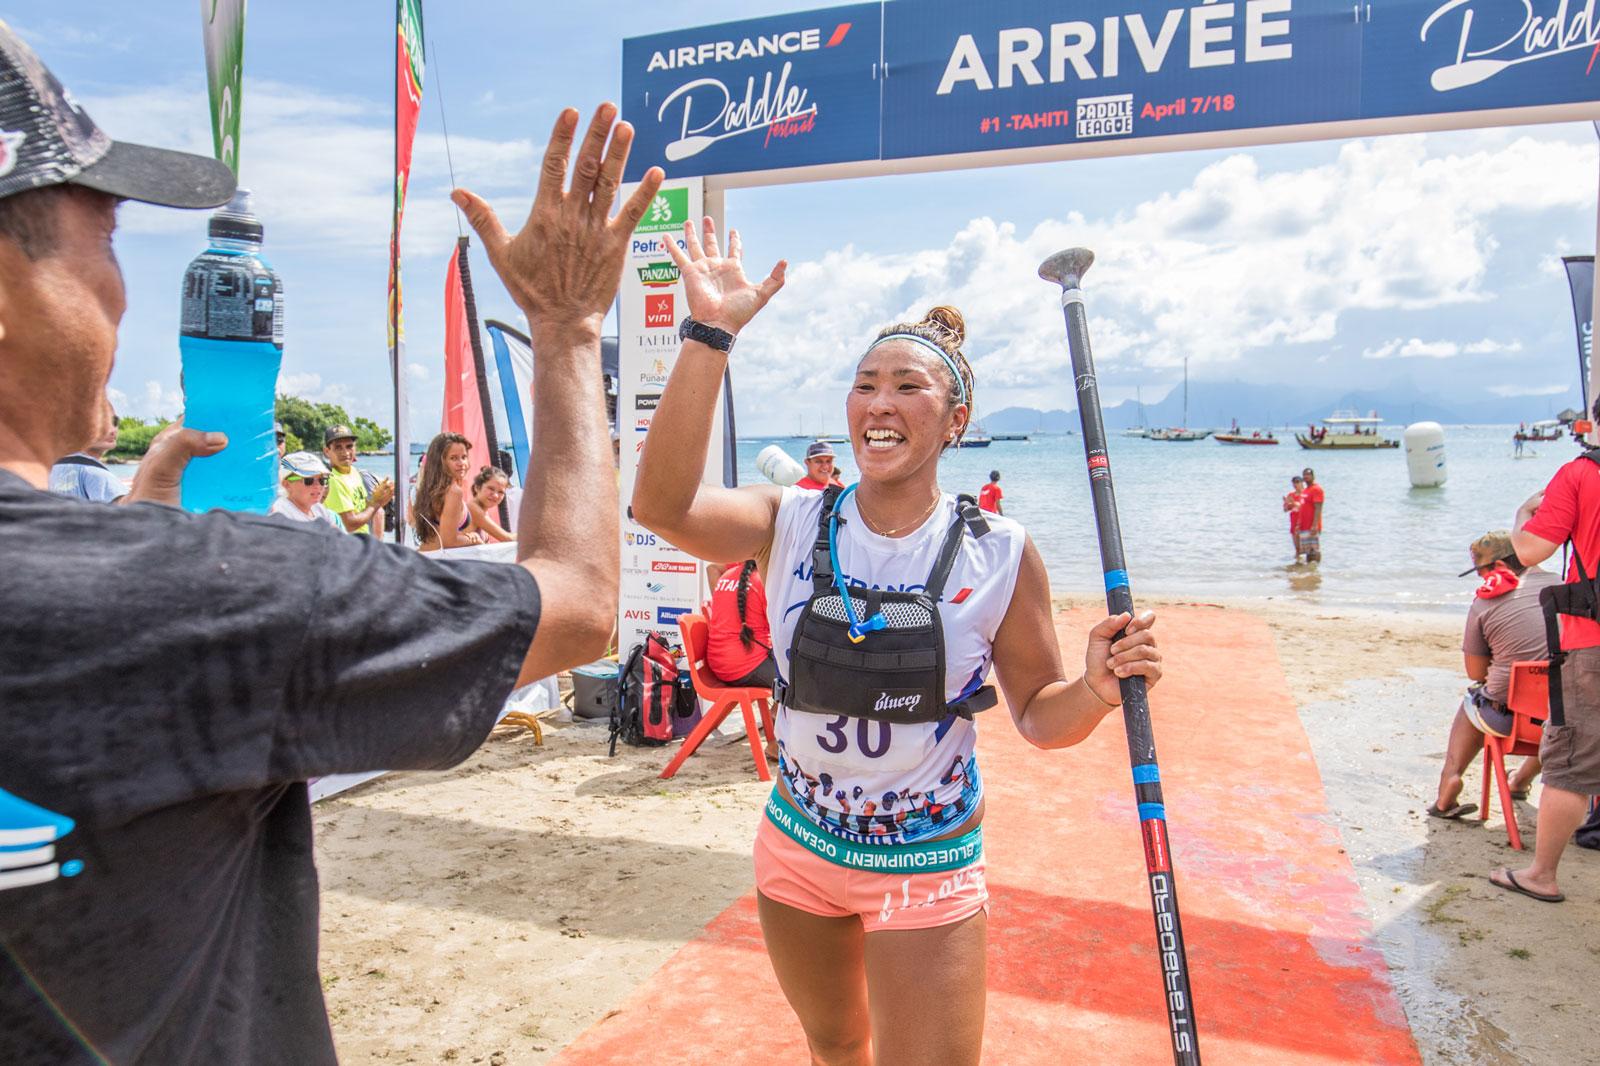 Air-France-Paddle-Festival-2018-Tahiti-Yuka-Sato-Japan-1-photo-credit-Georgia-Schoefield.jpg